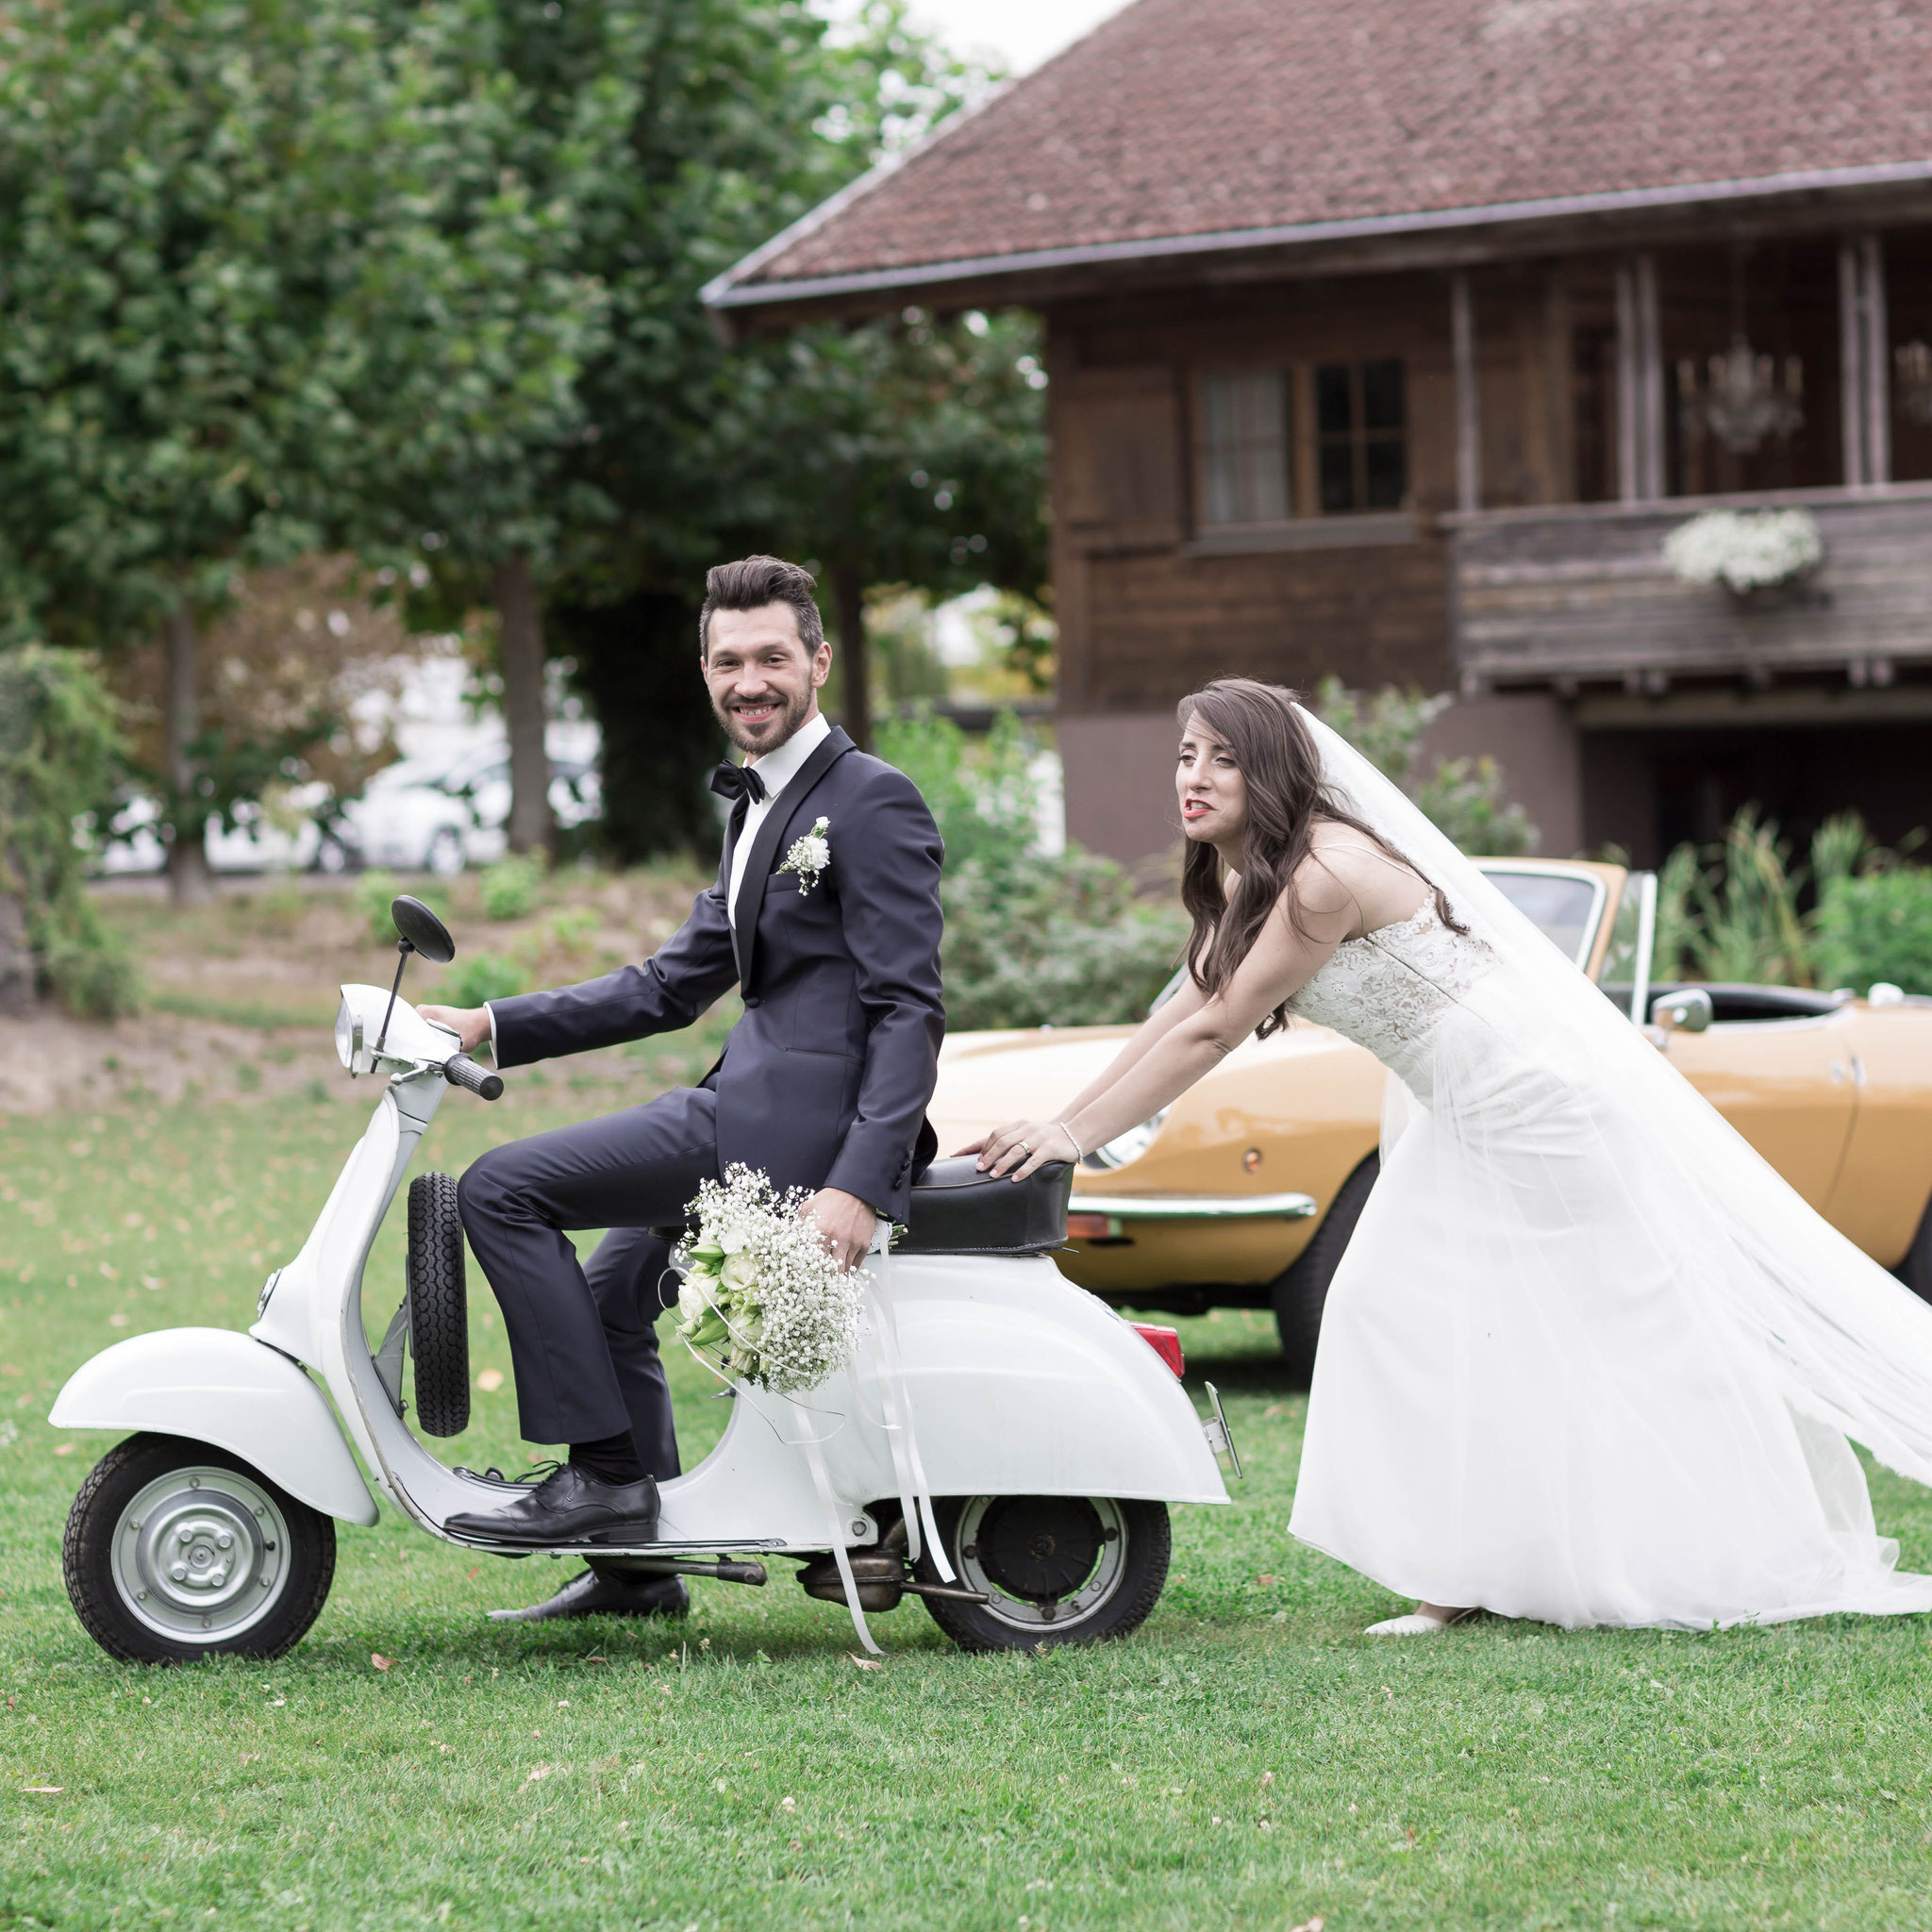 Fotograf für moderne russische Hochzeit in Wiesbaden